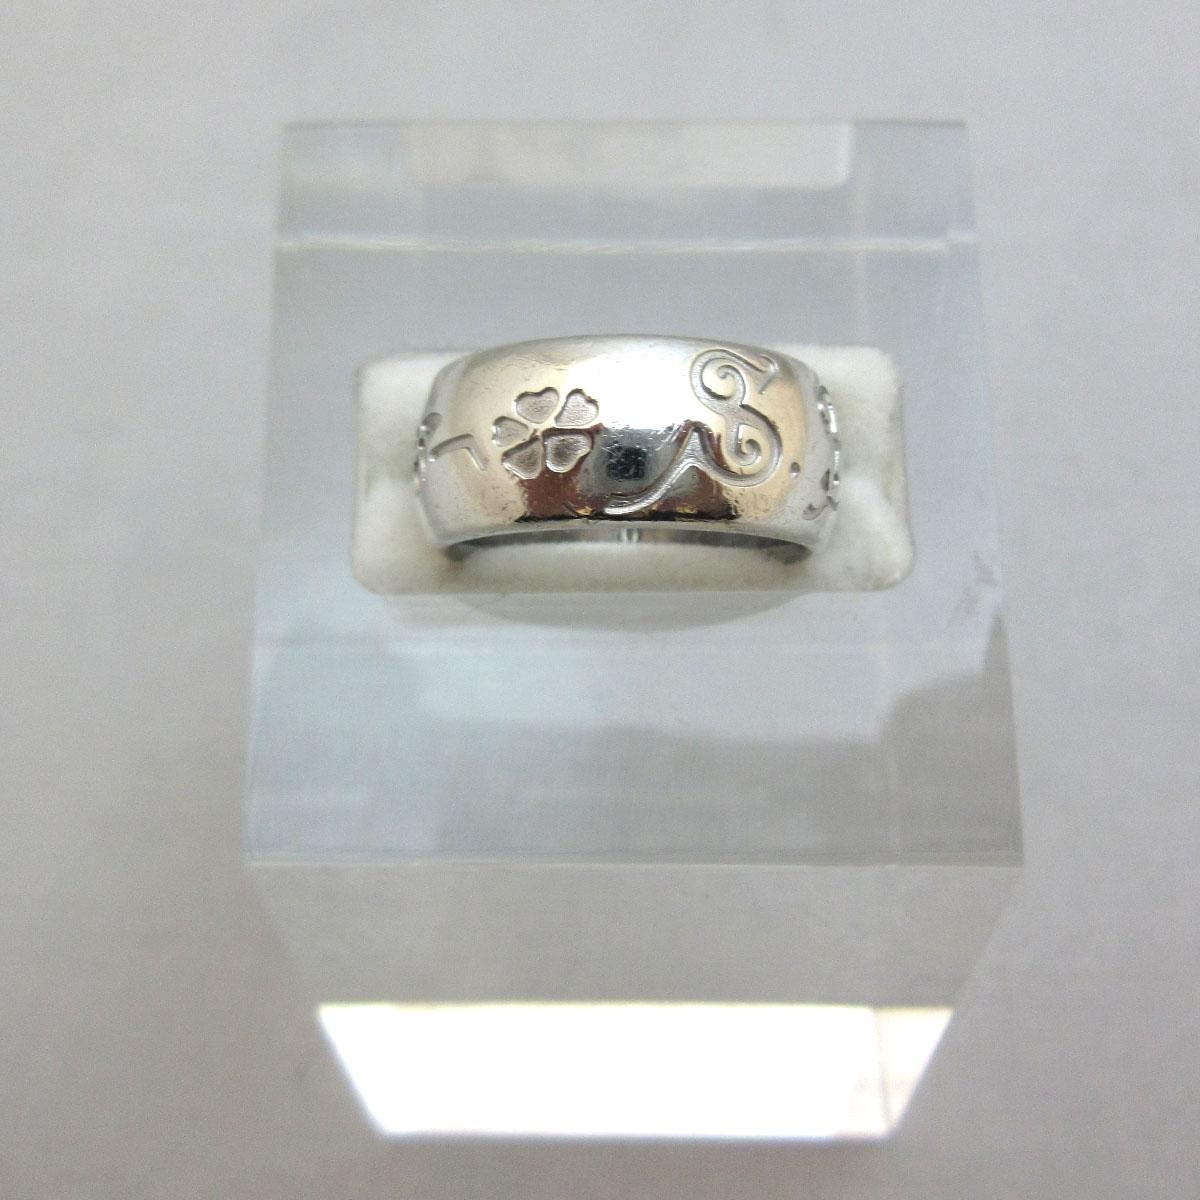 ブルガリ 小物 セーブザ・チルドレン リング 指輪 SV925 シルバー Bランク レディース BVLGARI あす楽 中古 六甲道店